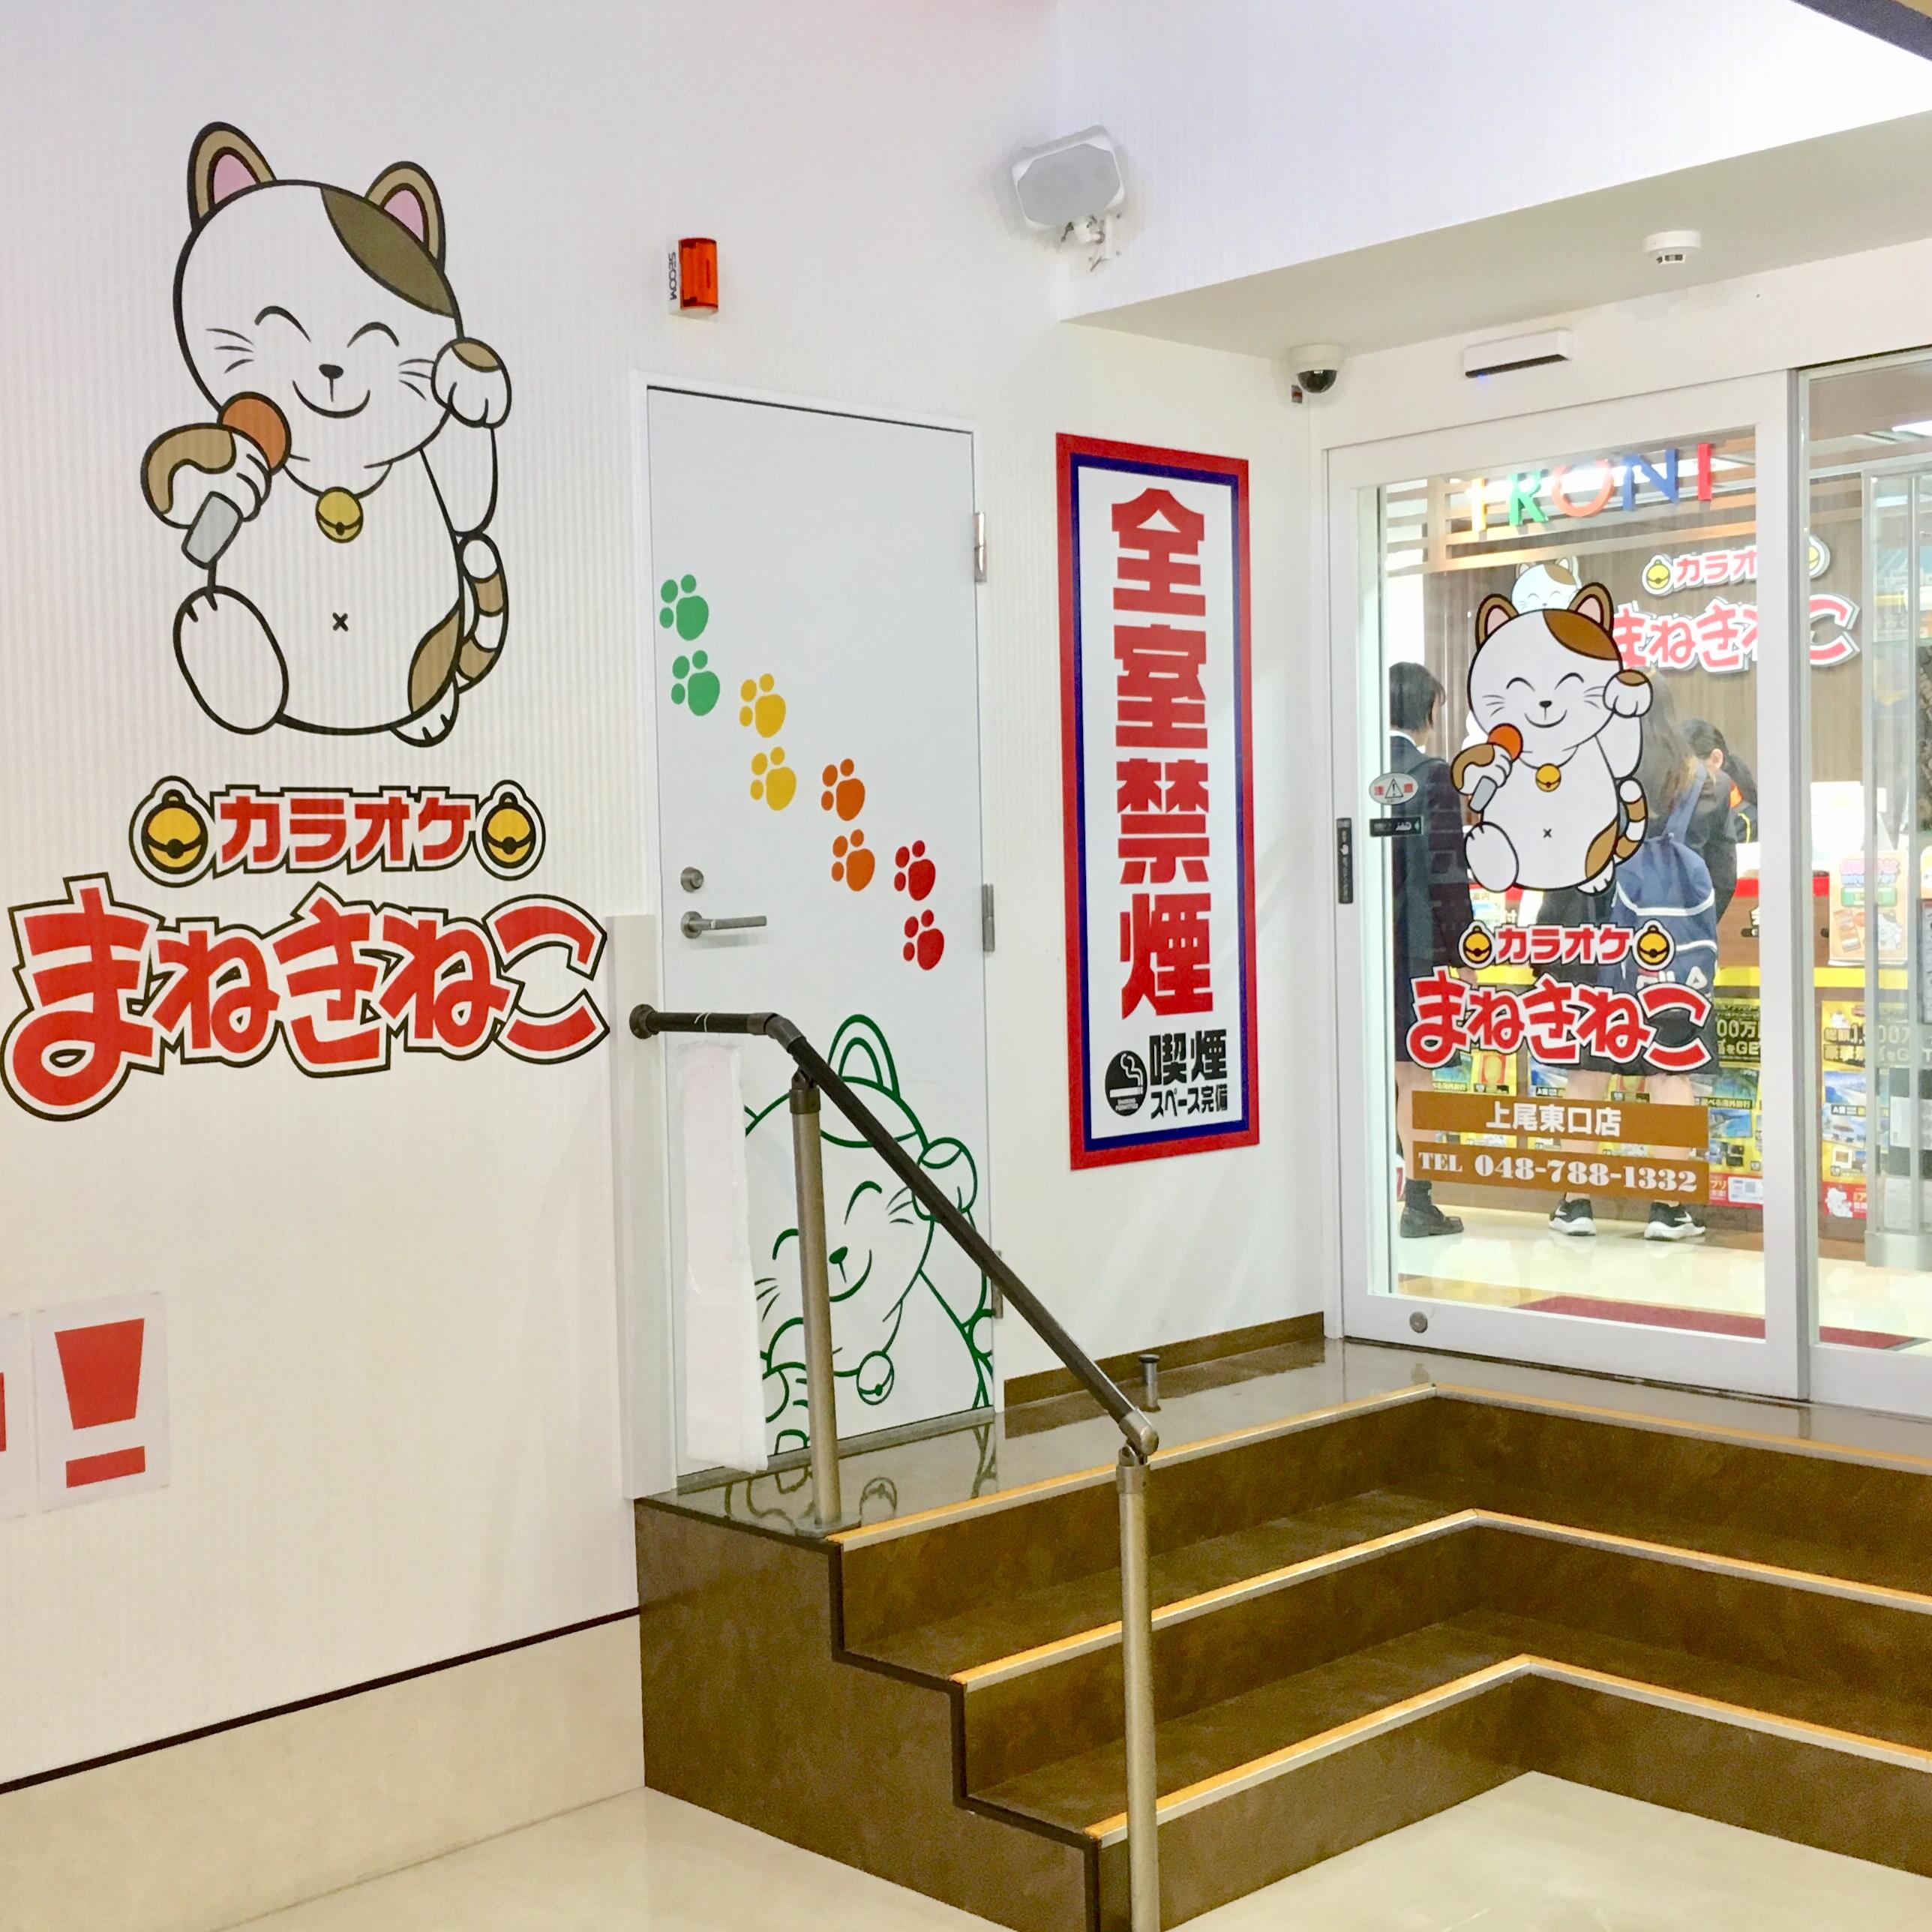 【カラオケまねきねこ】クーポン・割引・キャンペーン・お得情報まとめ!